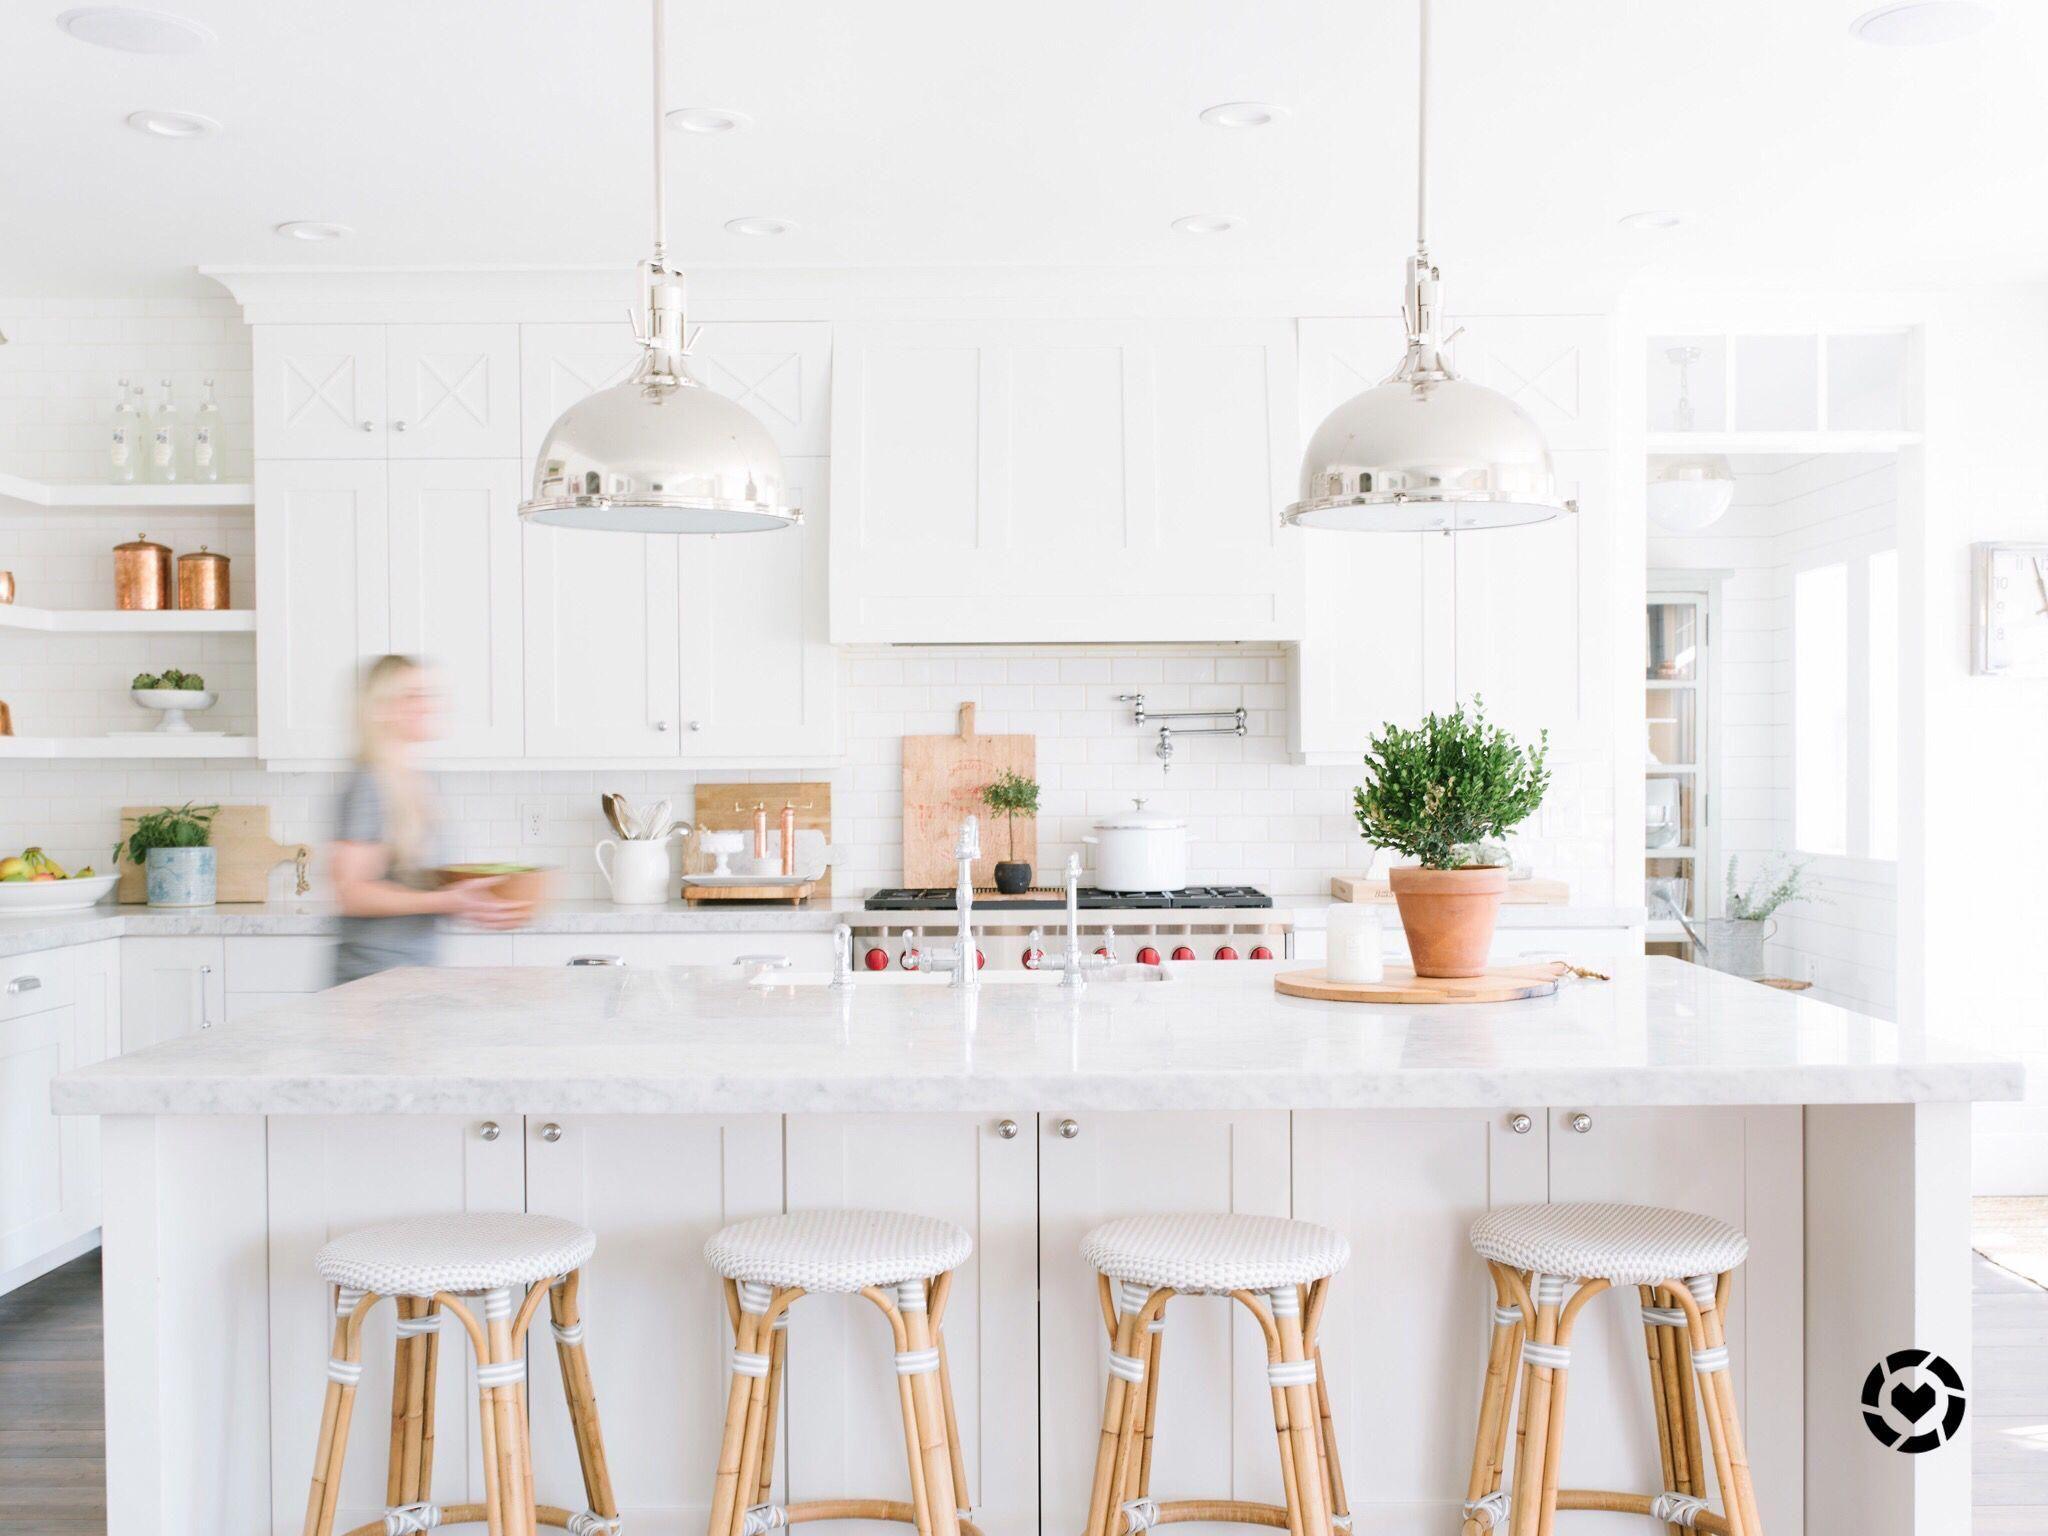 White Kitchen Marble Serena And Lily Kitchens Of Instagram Whitekitchen Casa Minimalista Interior Minimalista Fachadas Casas Minimalistas